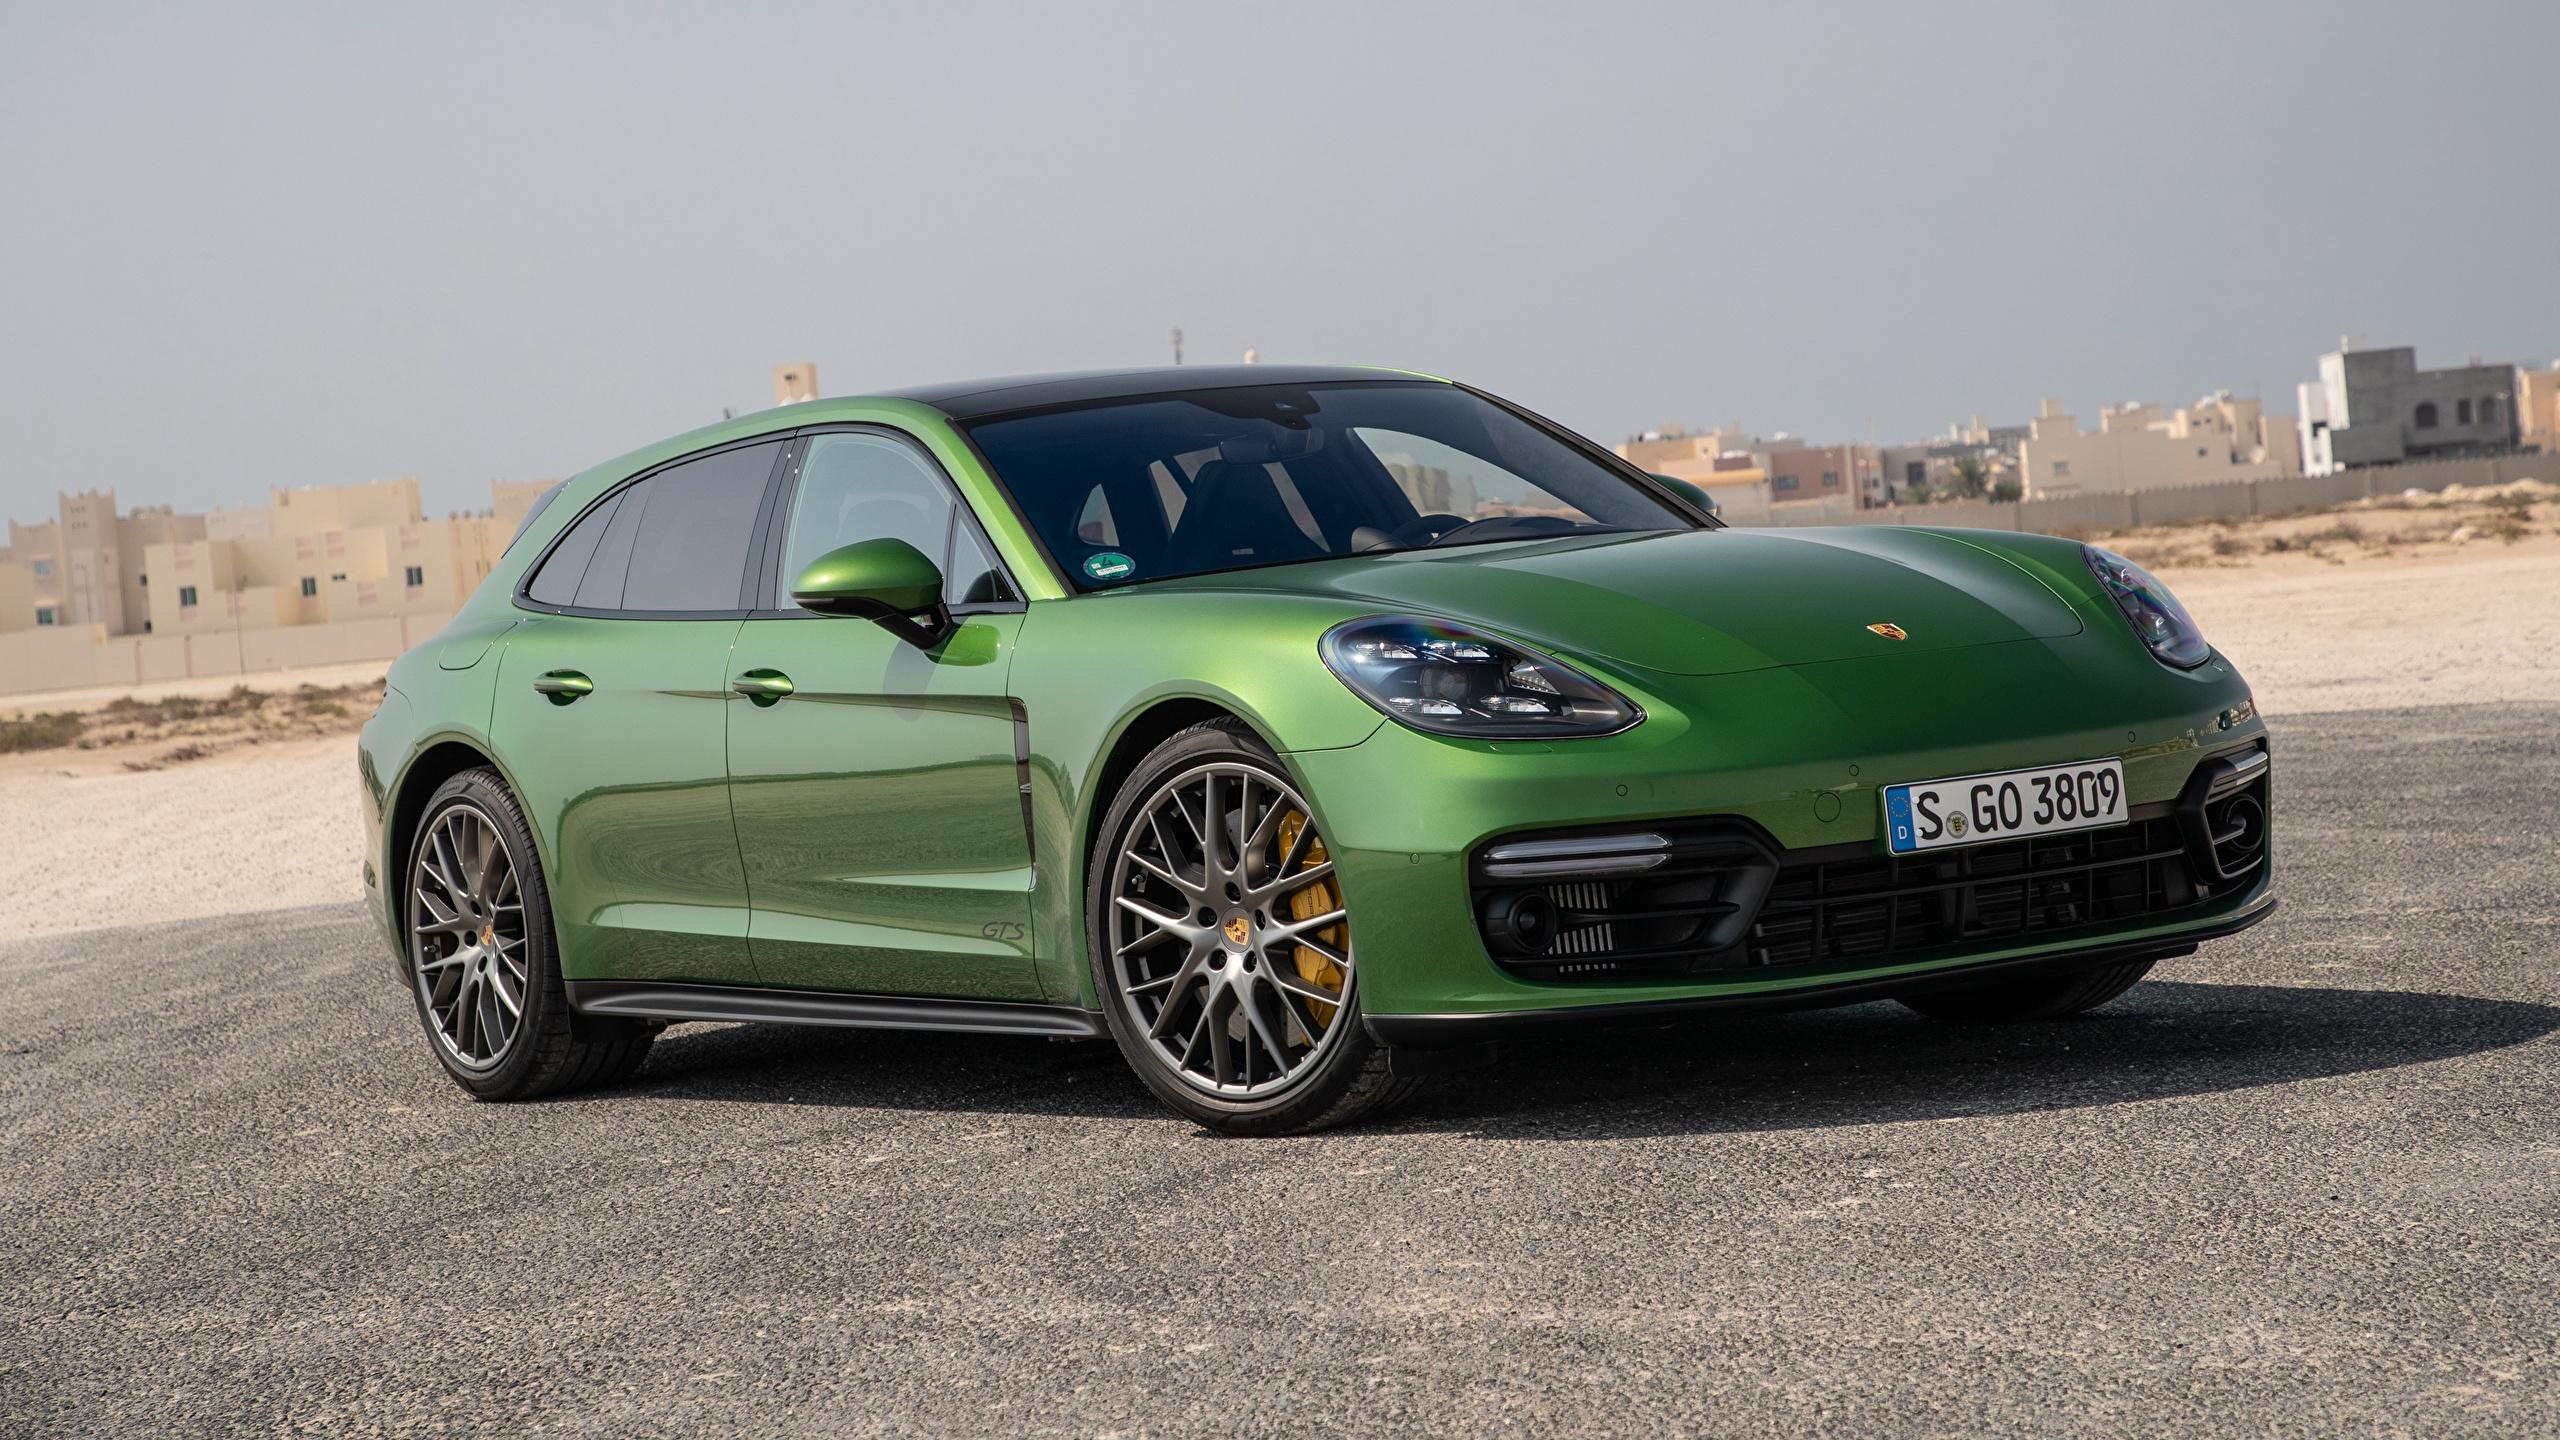 Fondos De Pantalla 2560x1440 Porsche Panamera Verde Metálico